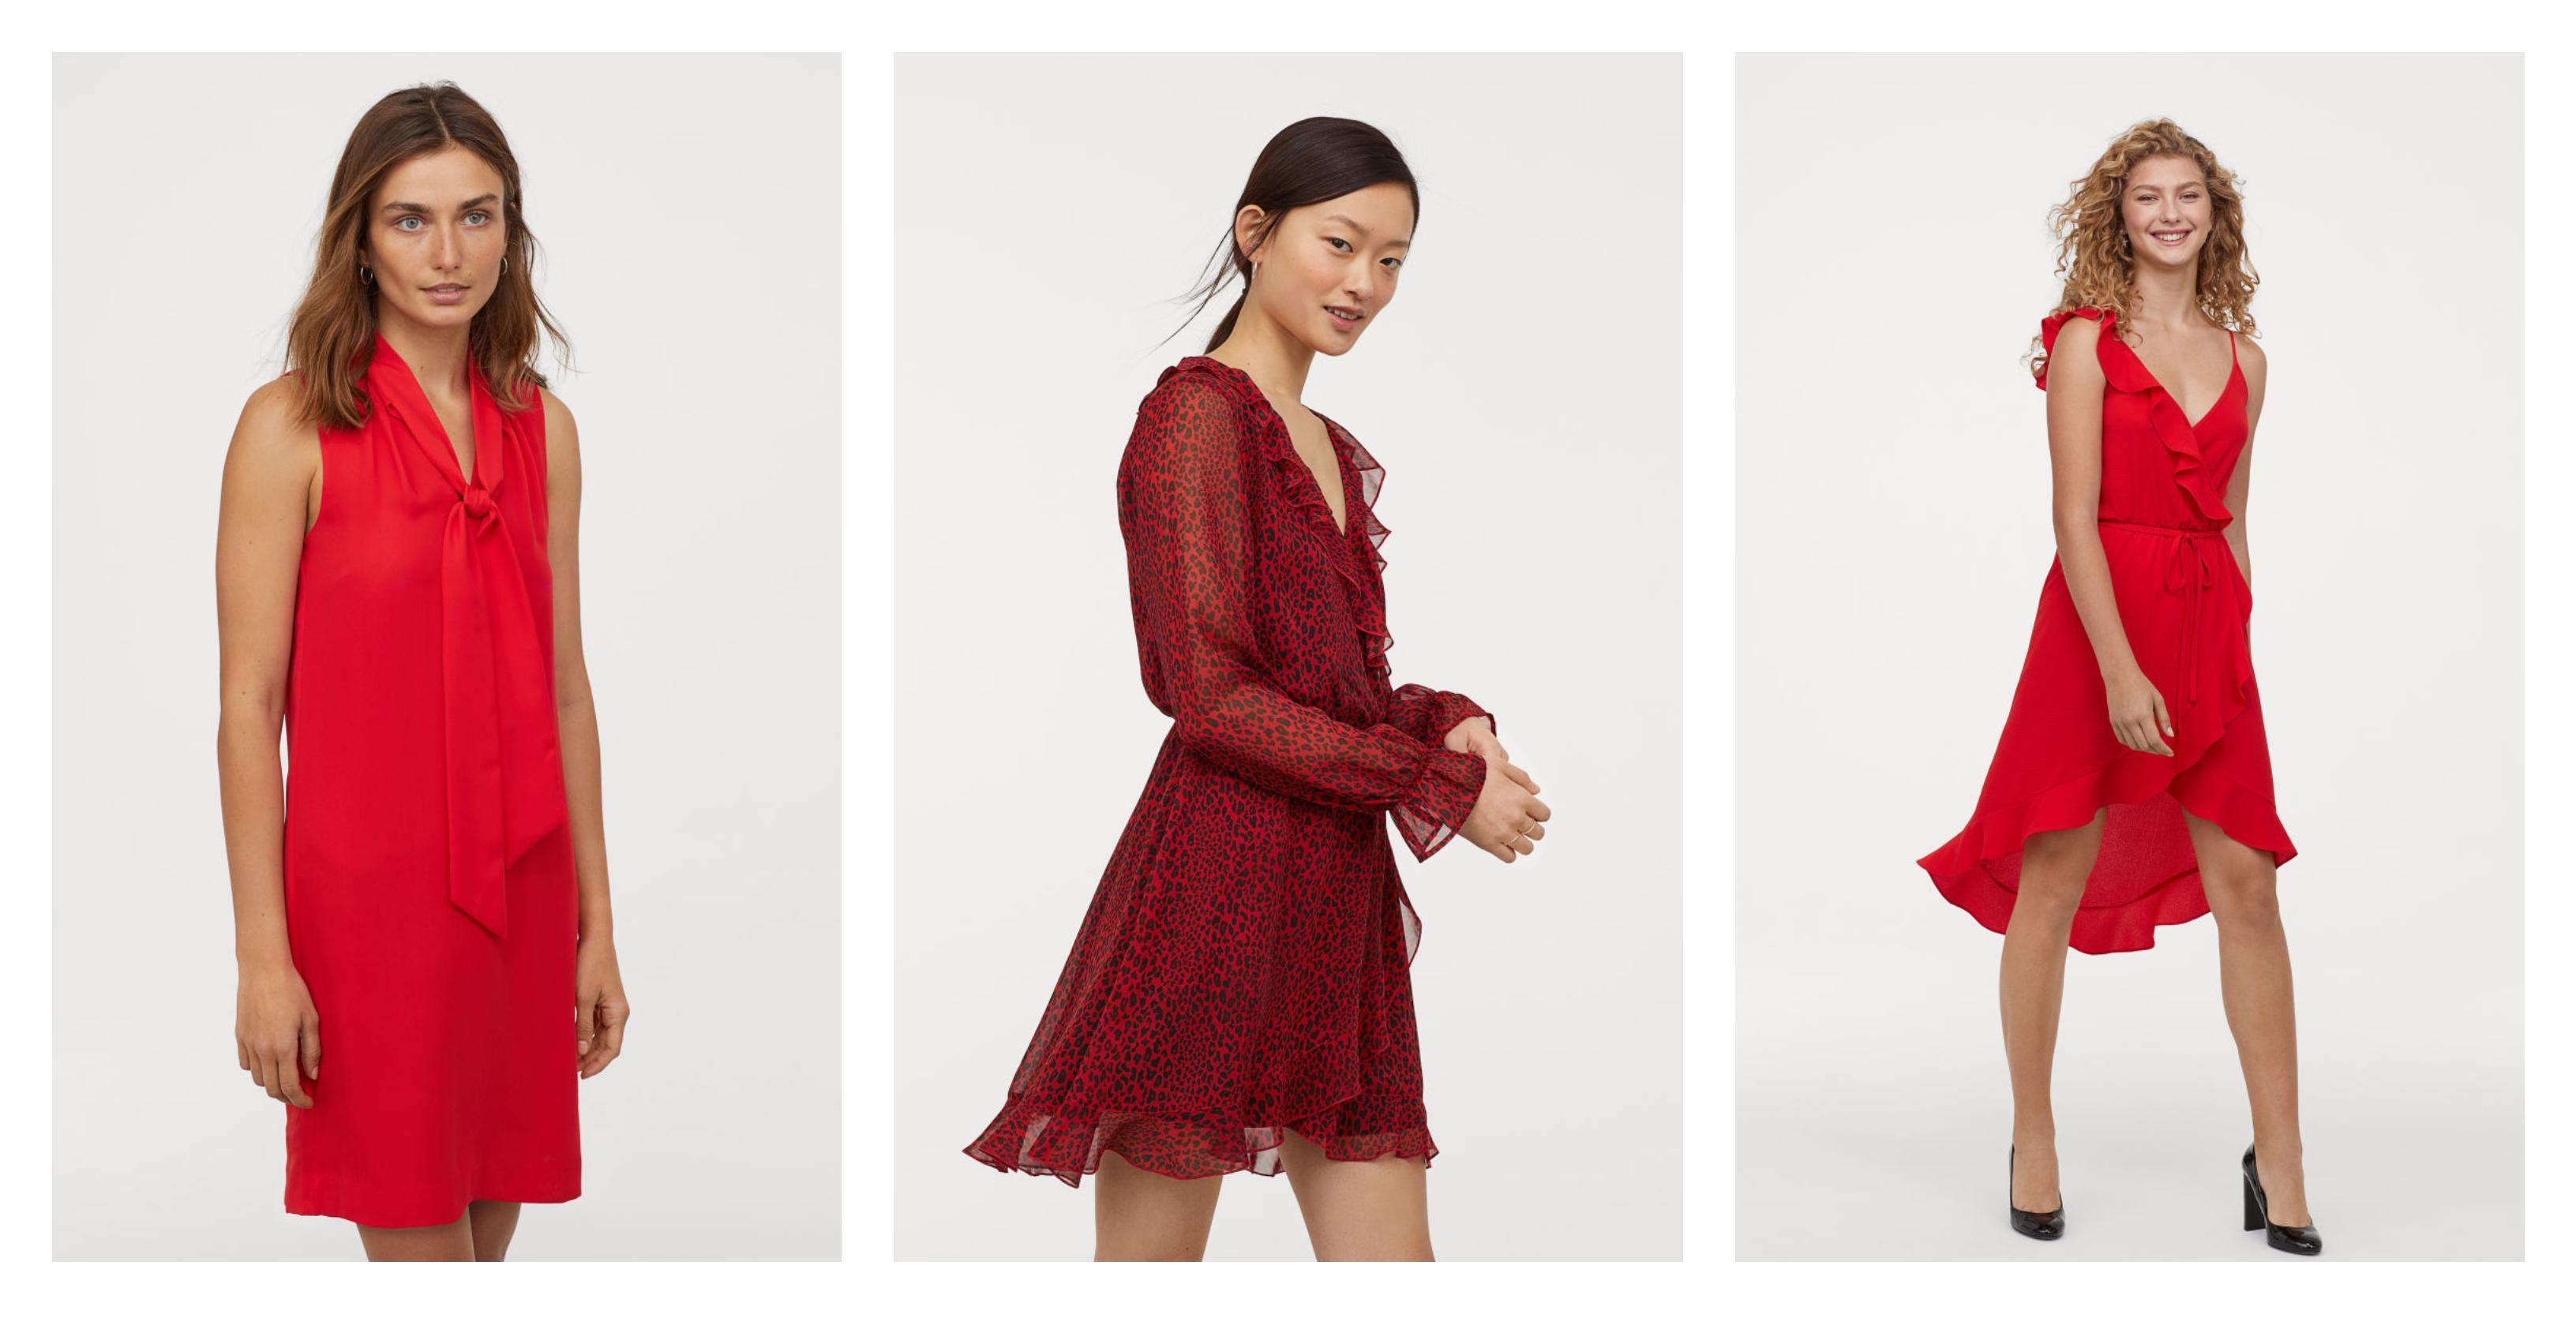 Vrijeme je za last minute shopping: Evo najljepših crvenih haljina jer s tom bojom stvarno nema greške